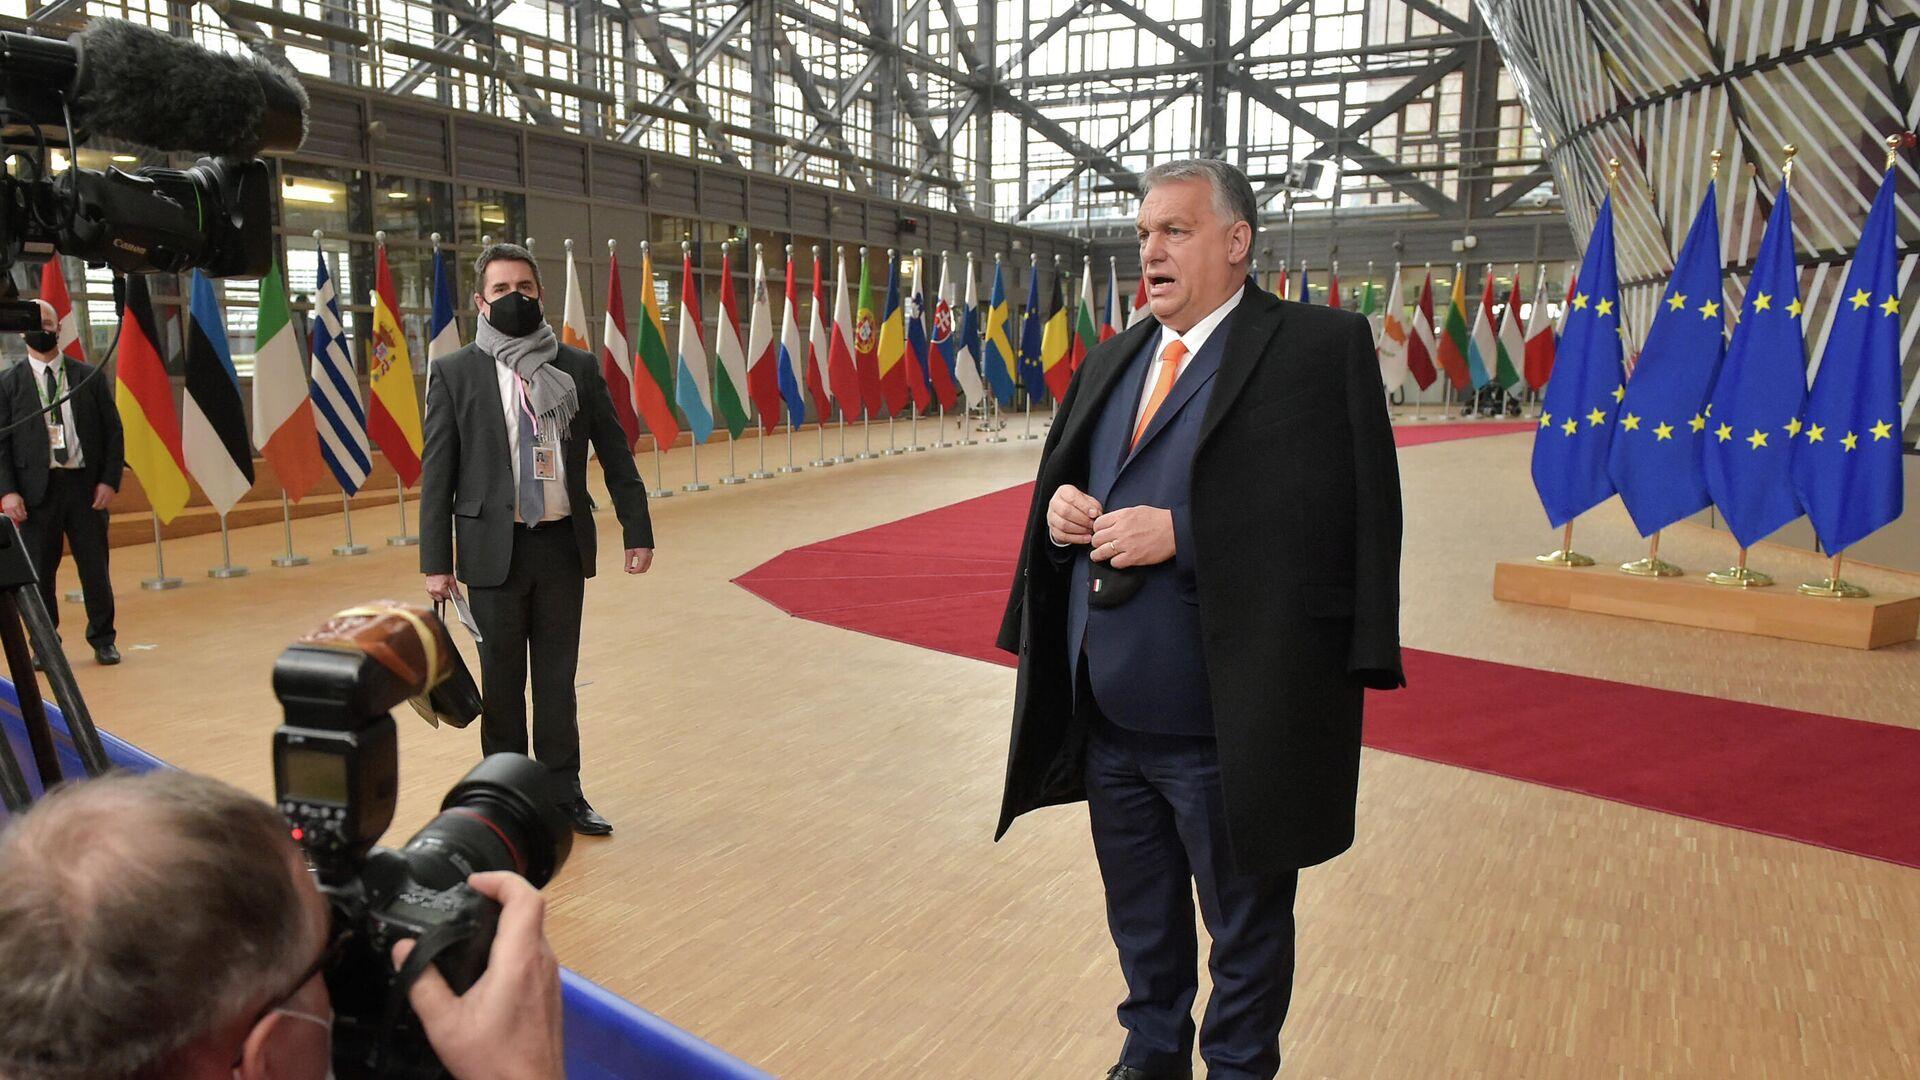 Премьер-министр Венгрии Виктор Орбан беседует с журналистами в здании штаб-квартиры ЕС в Брюсселе - РИА Новости, 1920, 03.07.2021